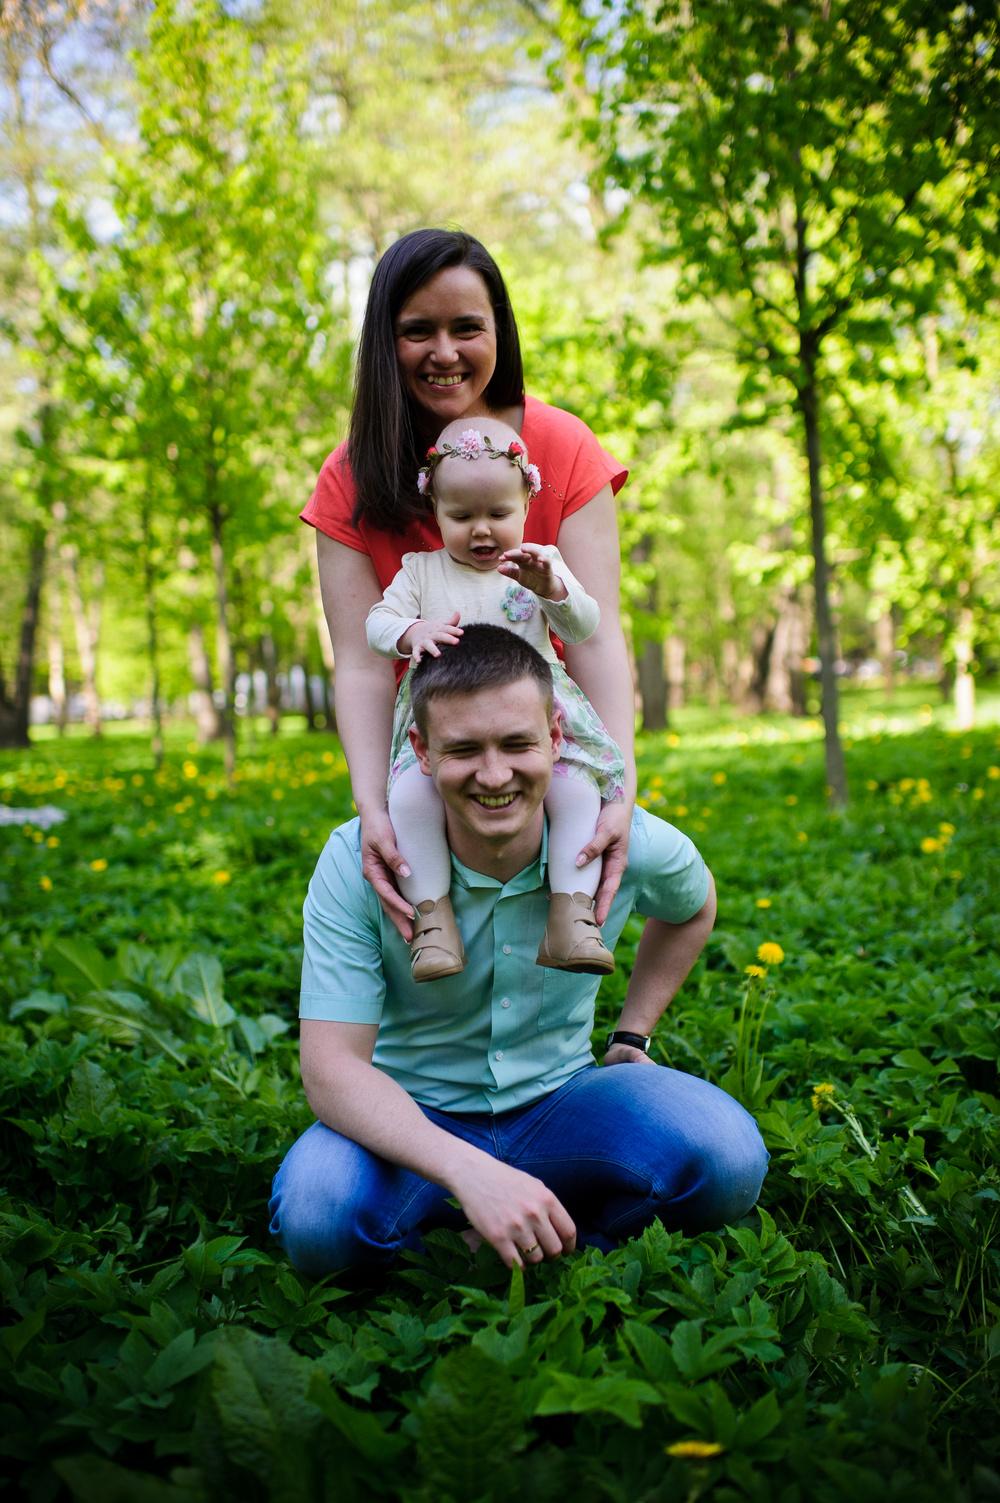 Другие съемки - Семейная фотосессия